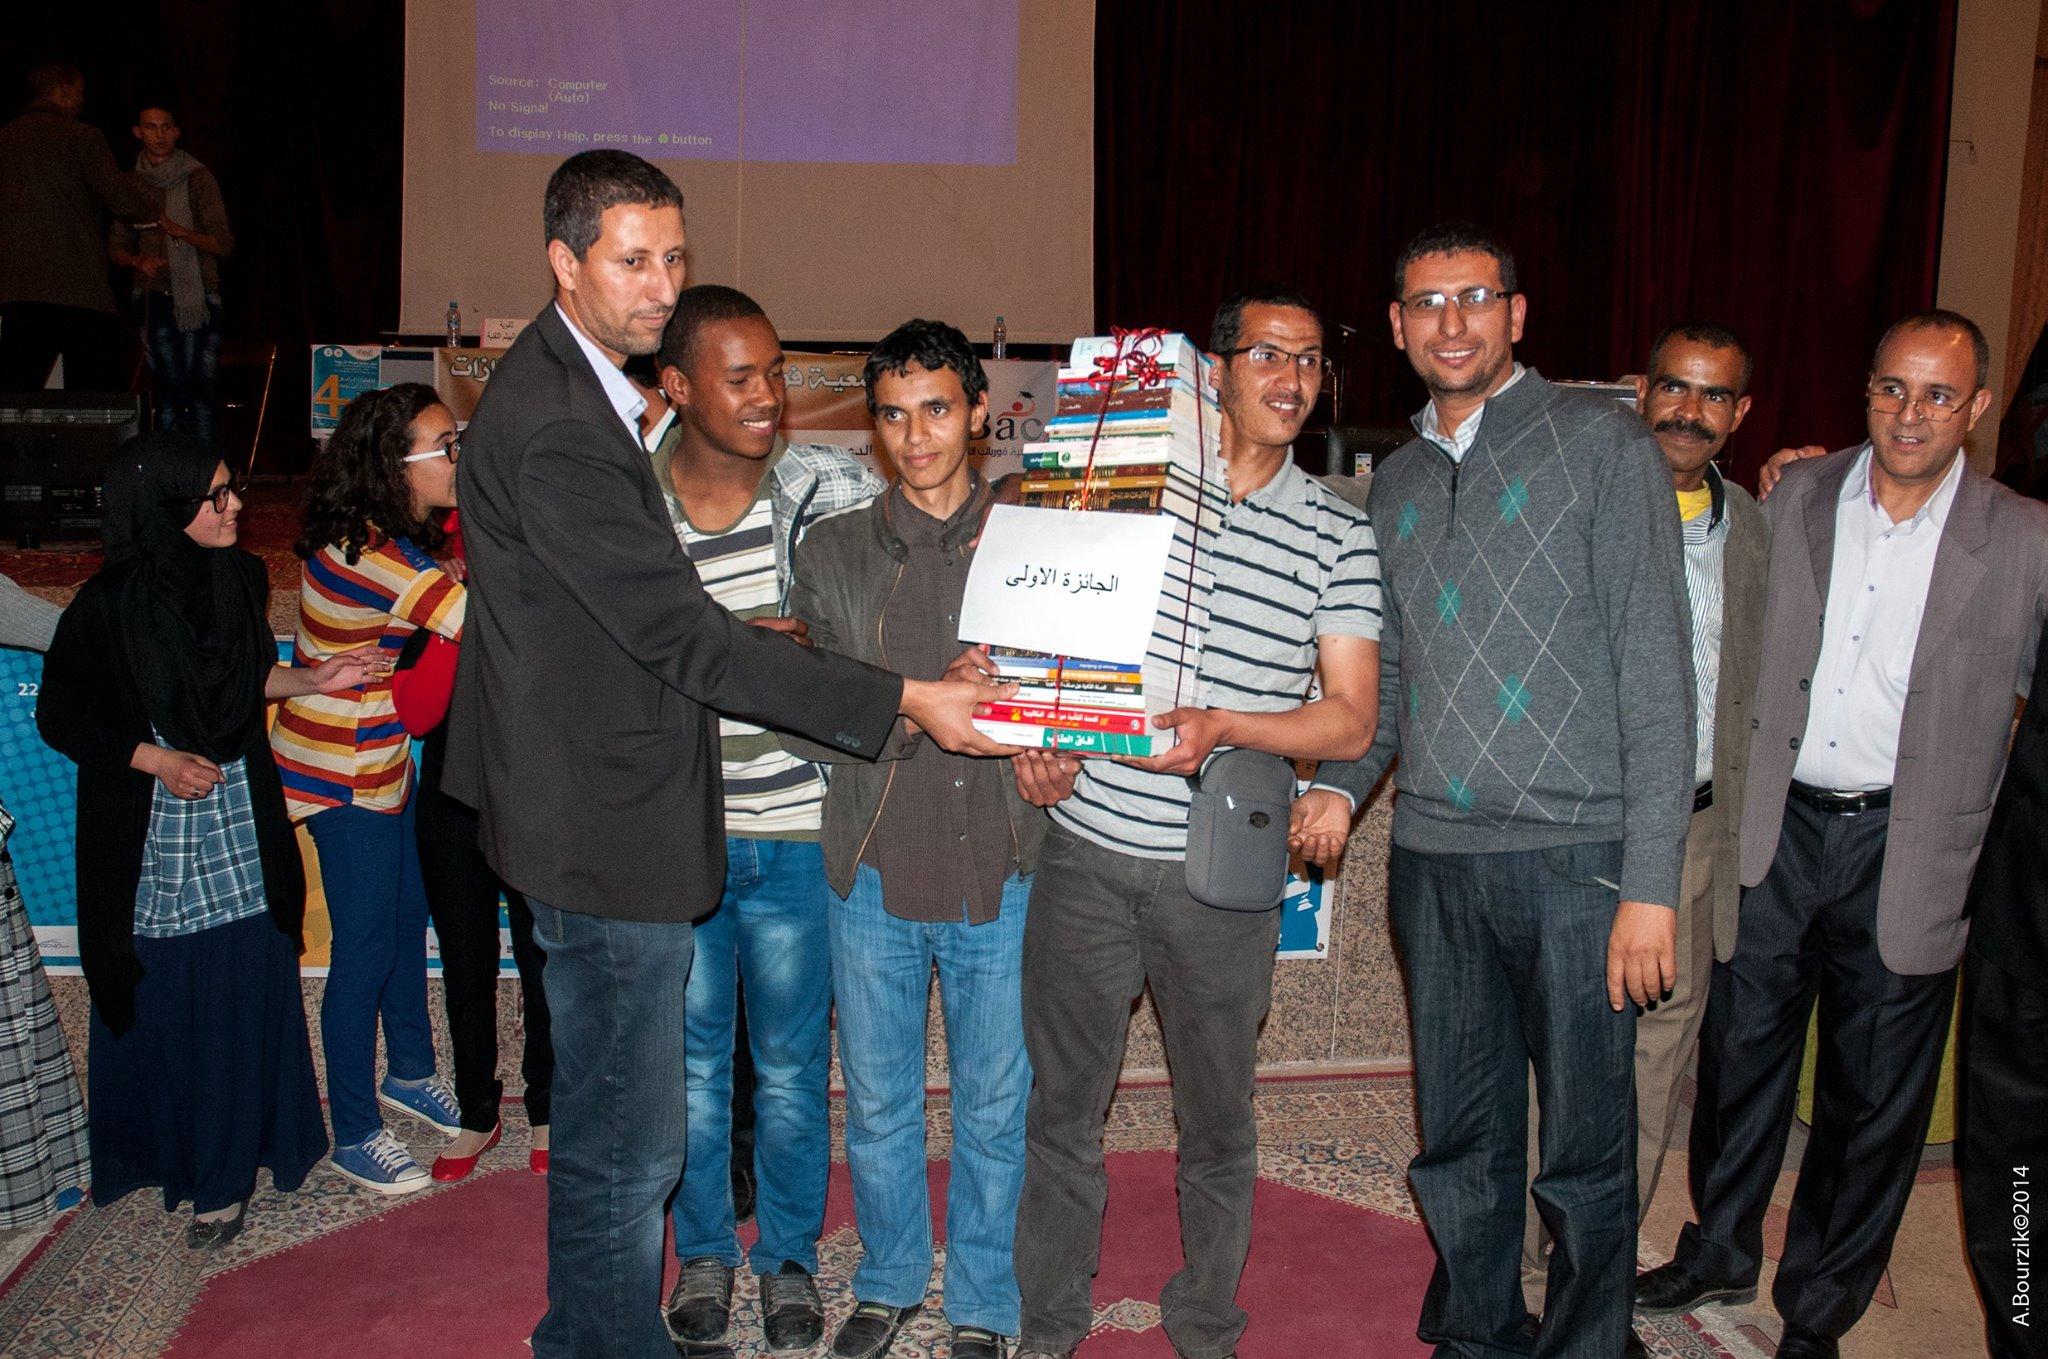 ثانوية الرازي بتازناخت تتوج  بالجائزة الأولى لملتقى الأندية التربوية بورزازات